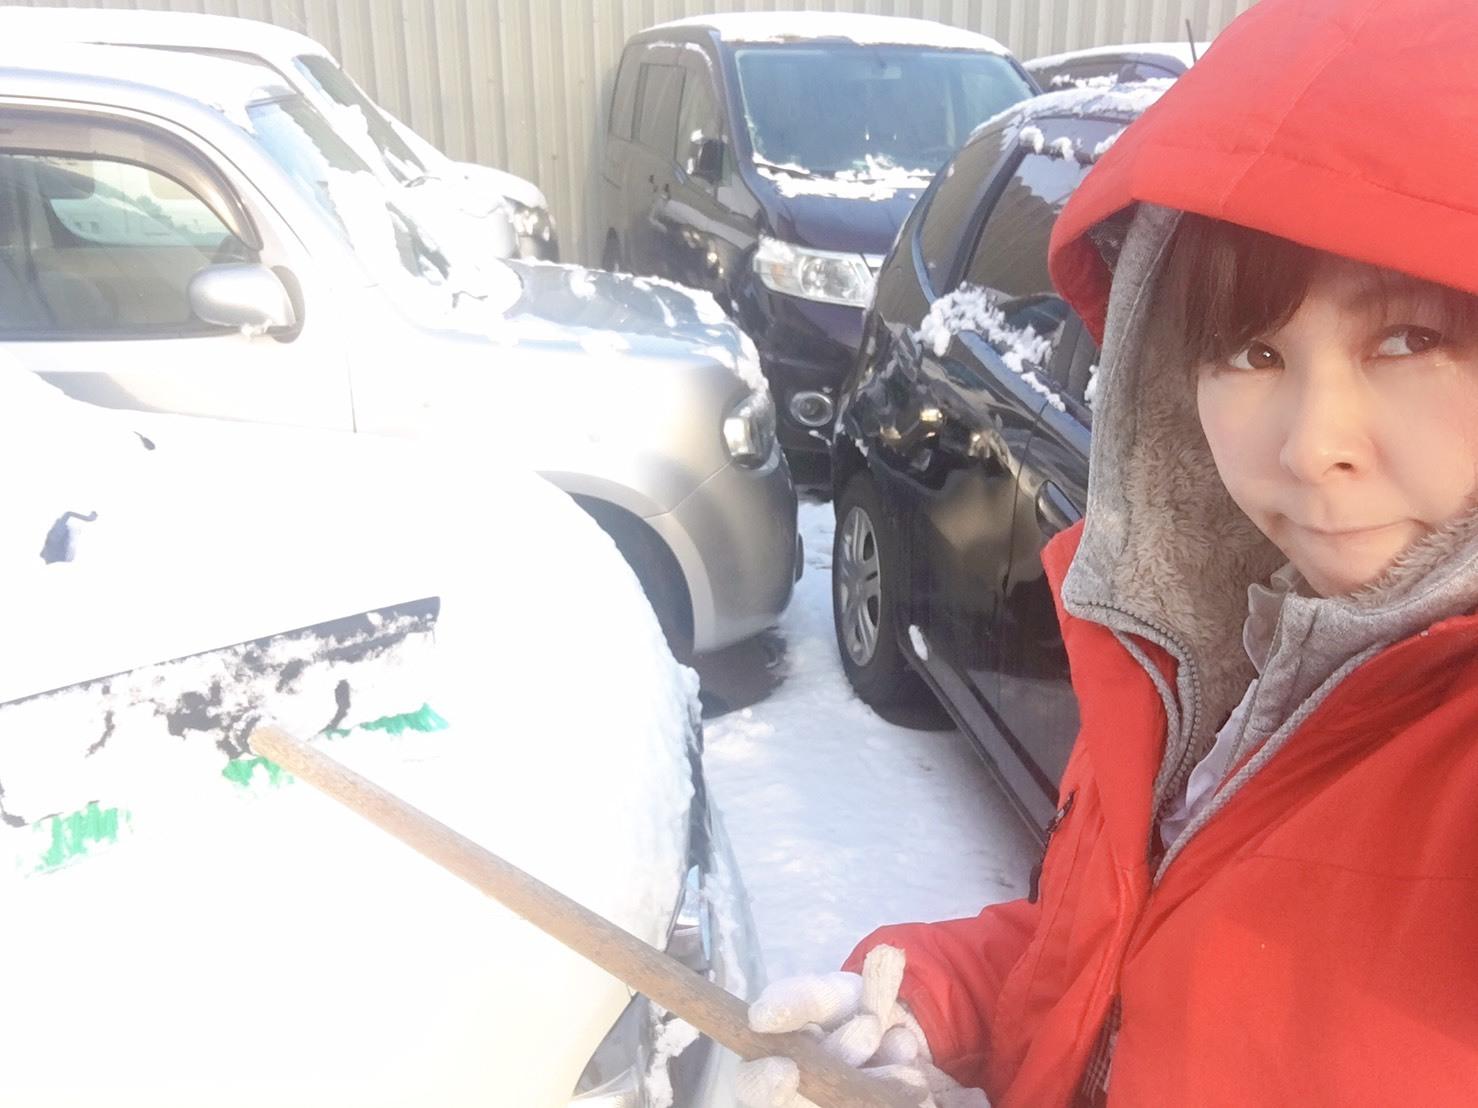 12月22日(日)☆TOMMYアウトレット☆あゆブログ(*˙˘˙*)❥❥ ミライースO様納車☆マーチW様納車★タントS様ご成約☆_b0127002_16074549.jpg